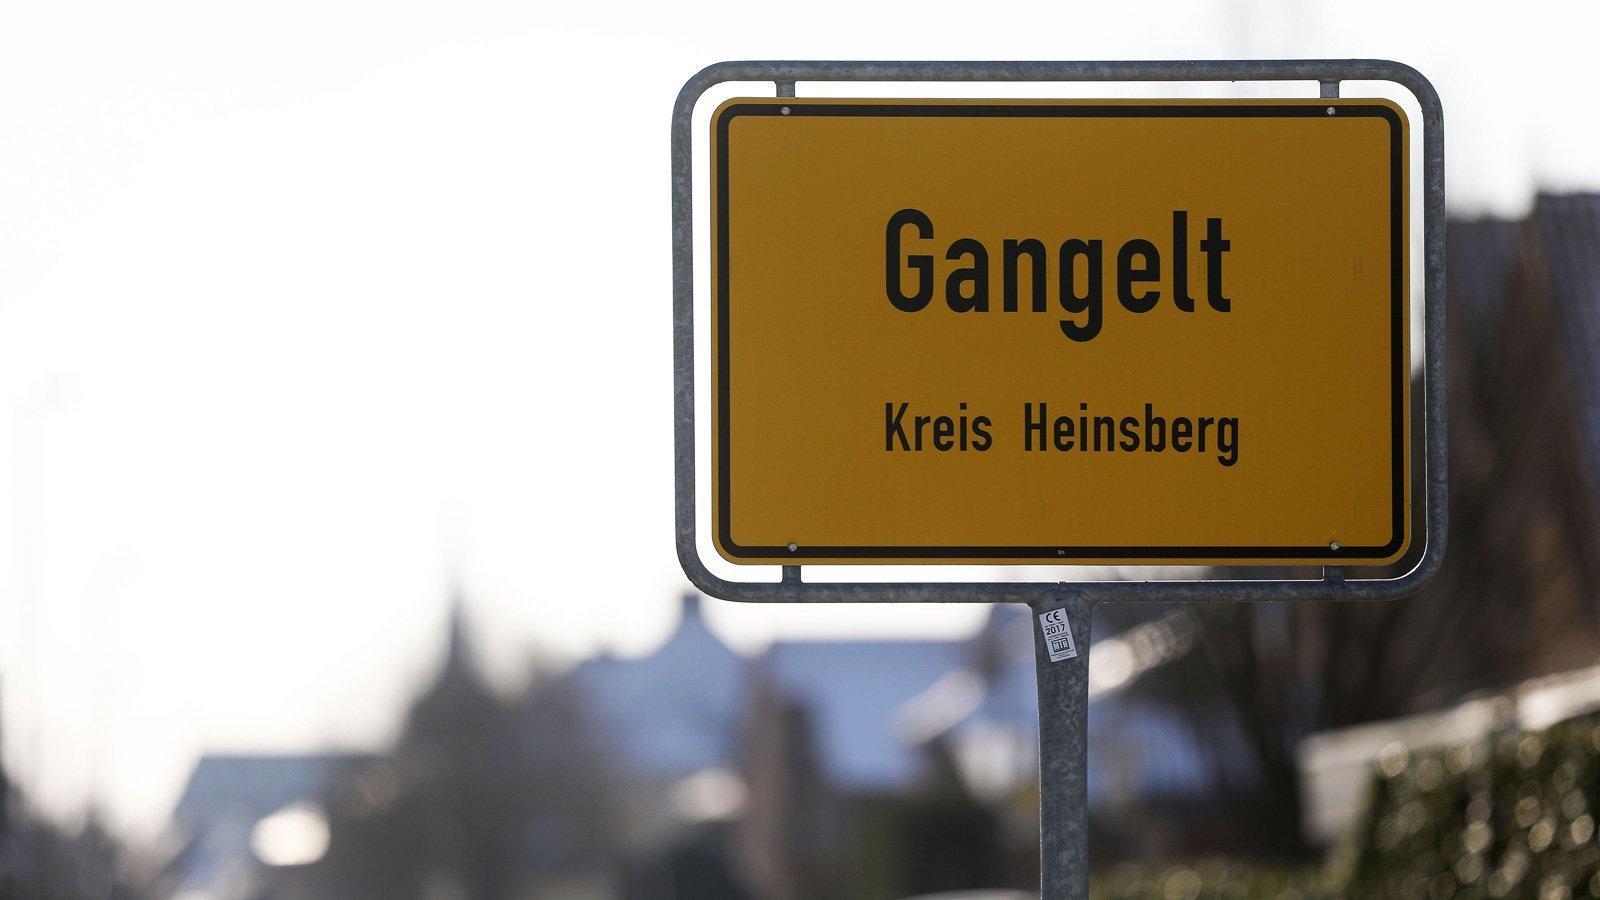 Ein Ortseingangschild am Straßenrand.